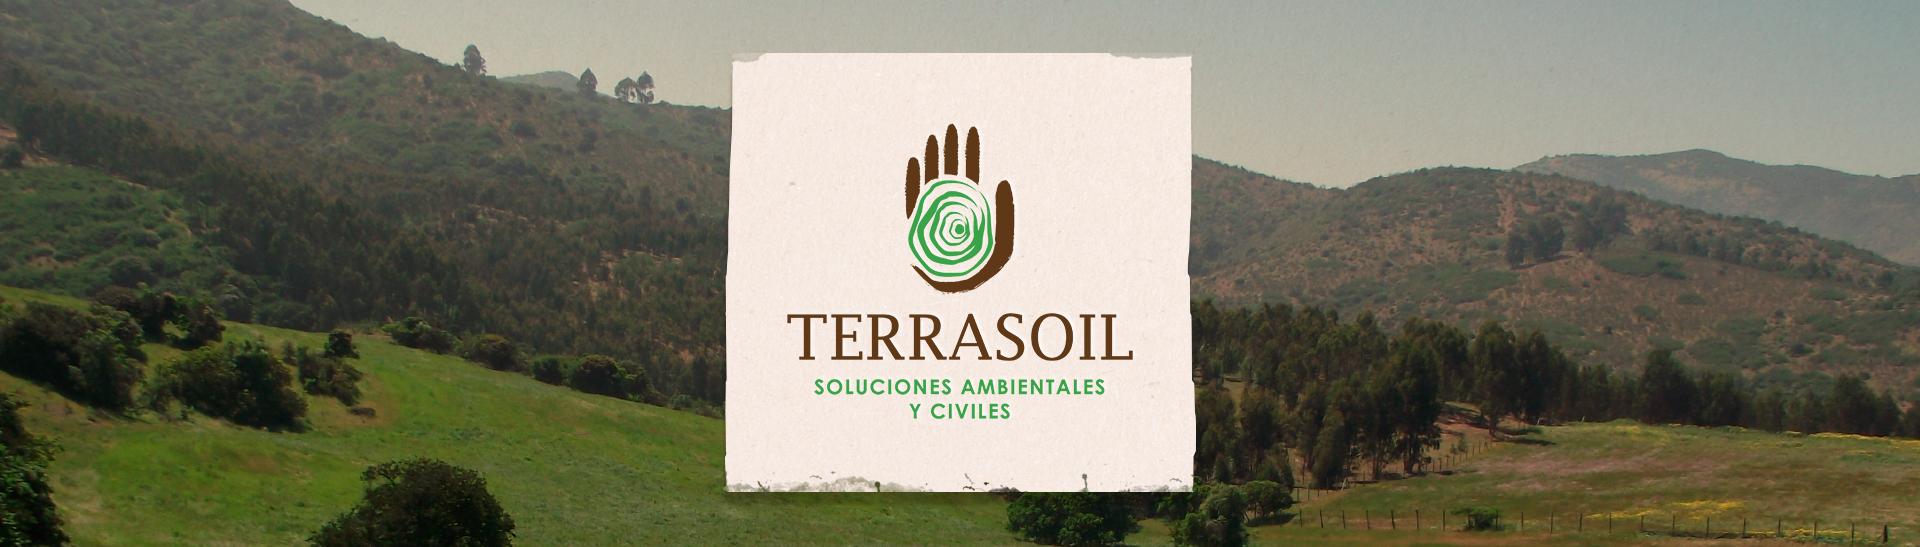 NewSlides-Terrasoil